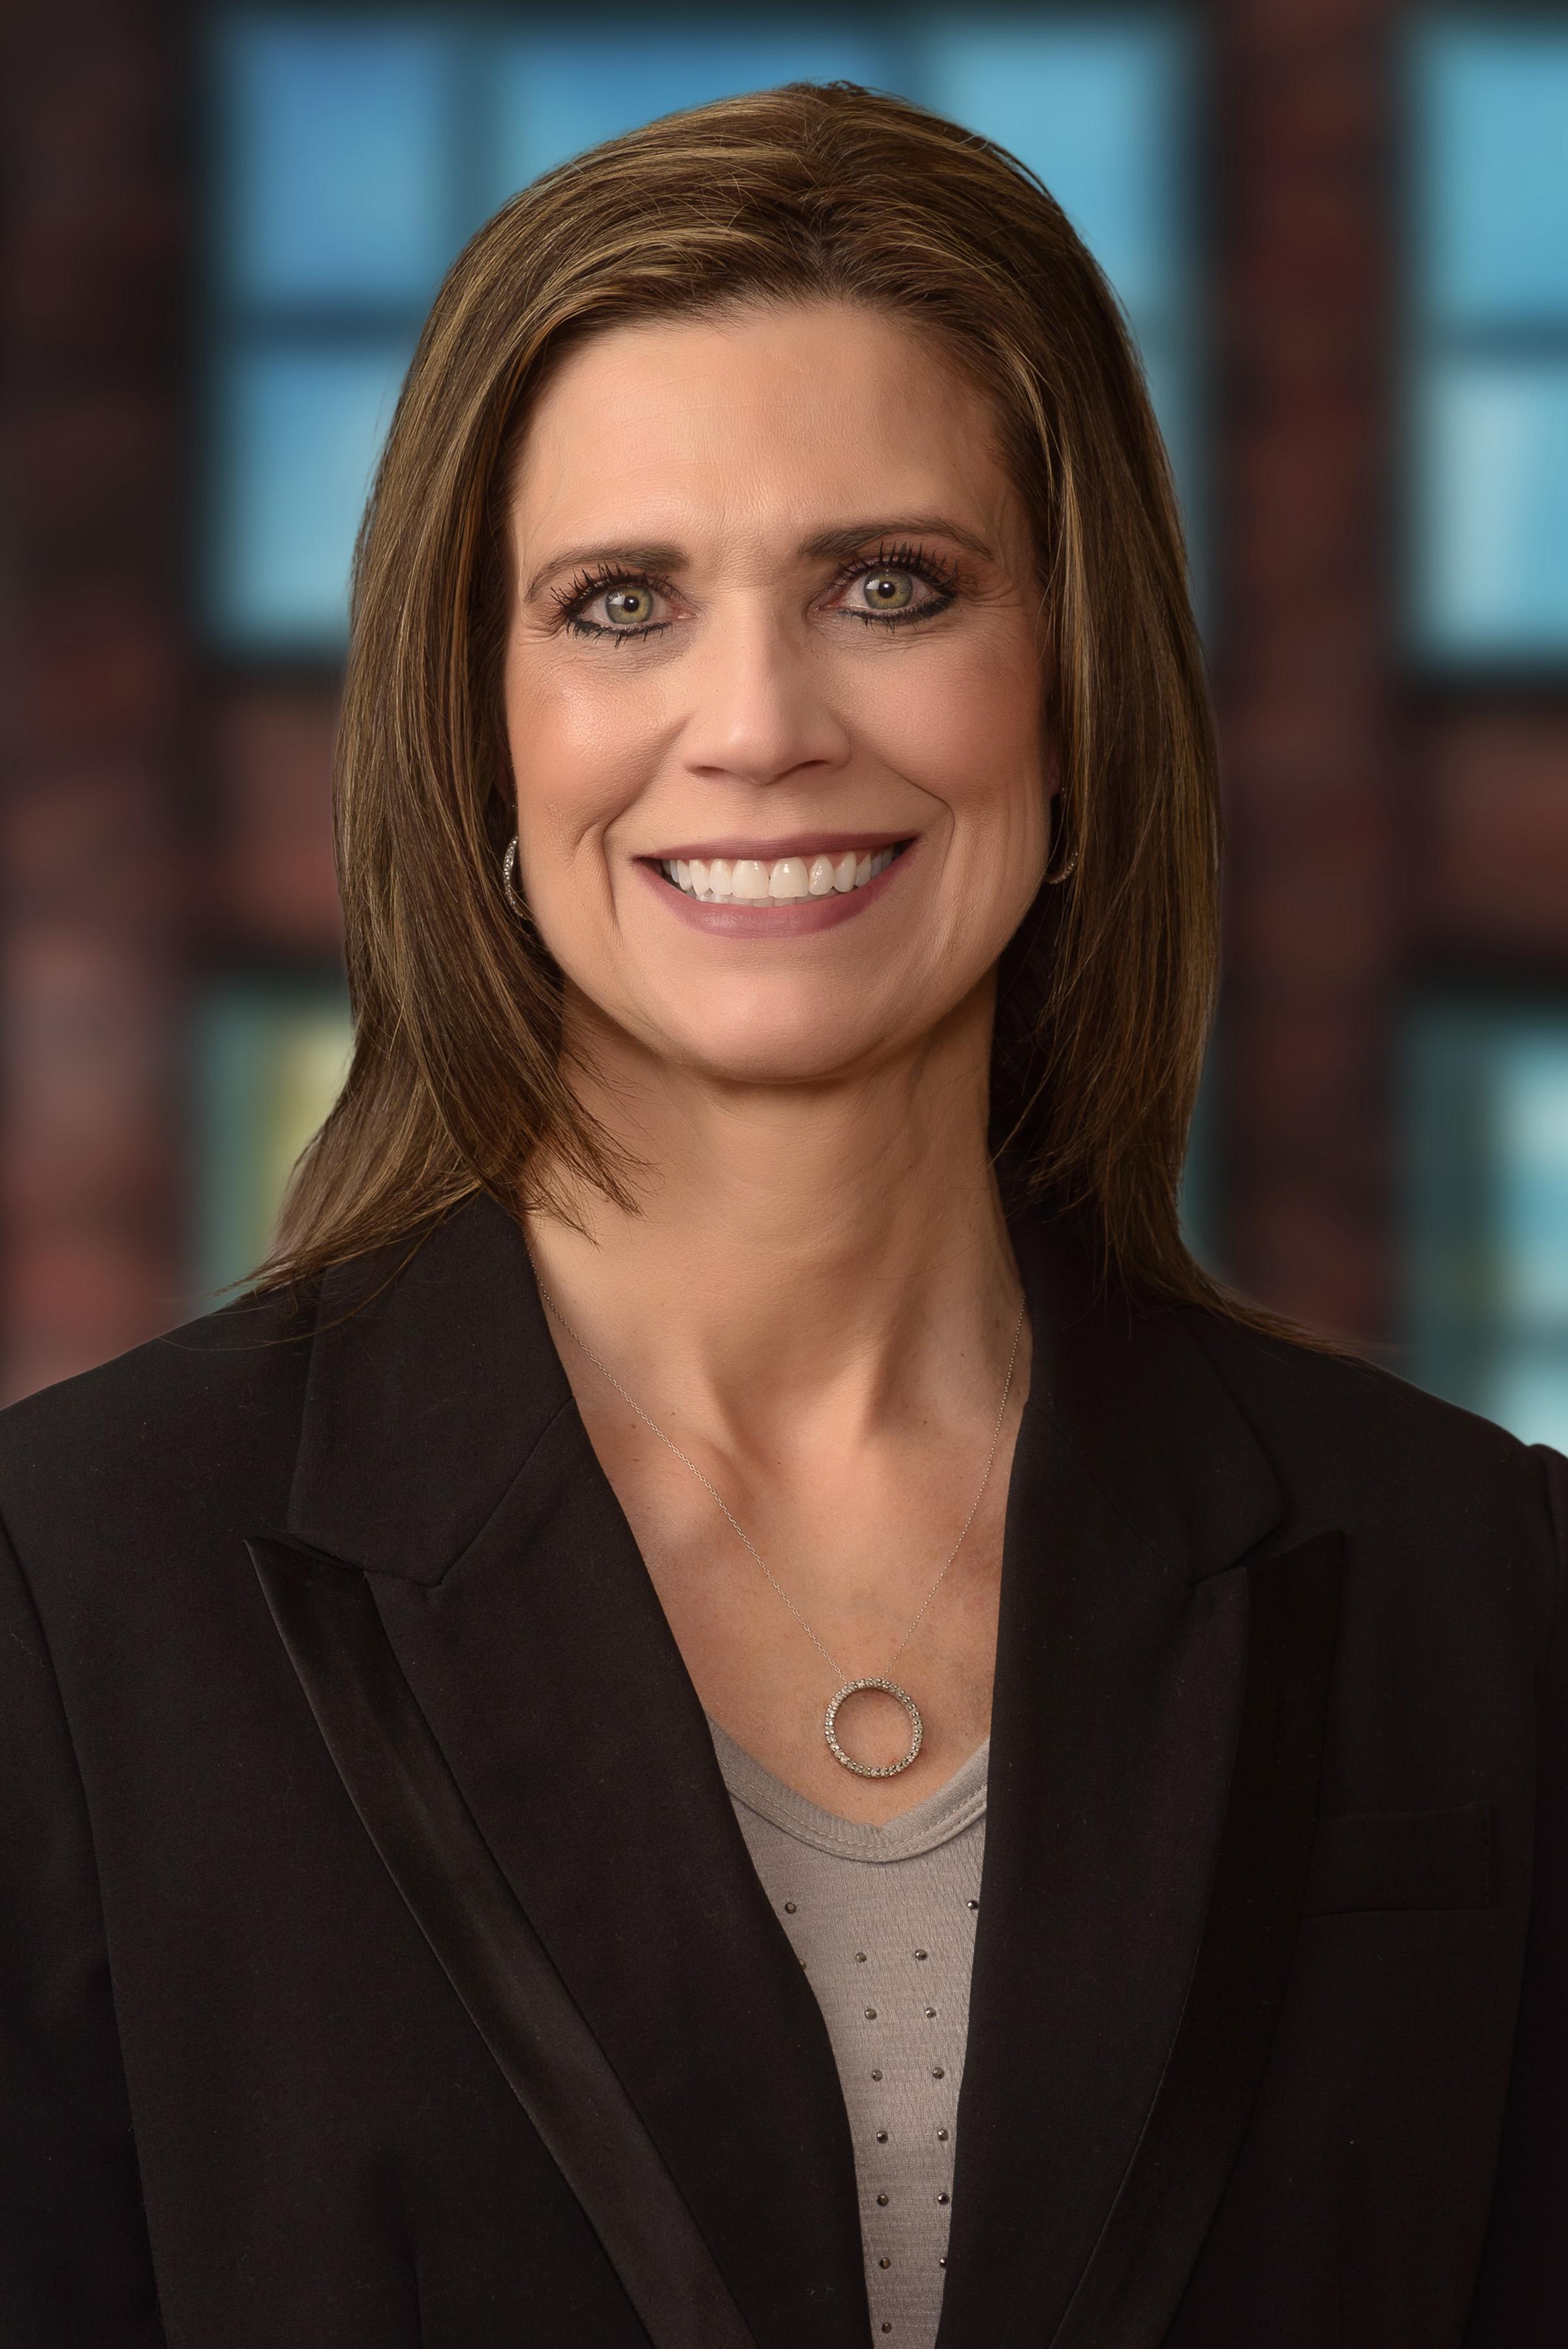 Stacey Sieverding